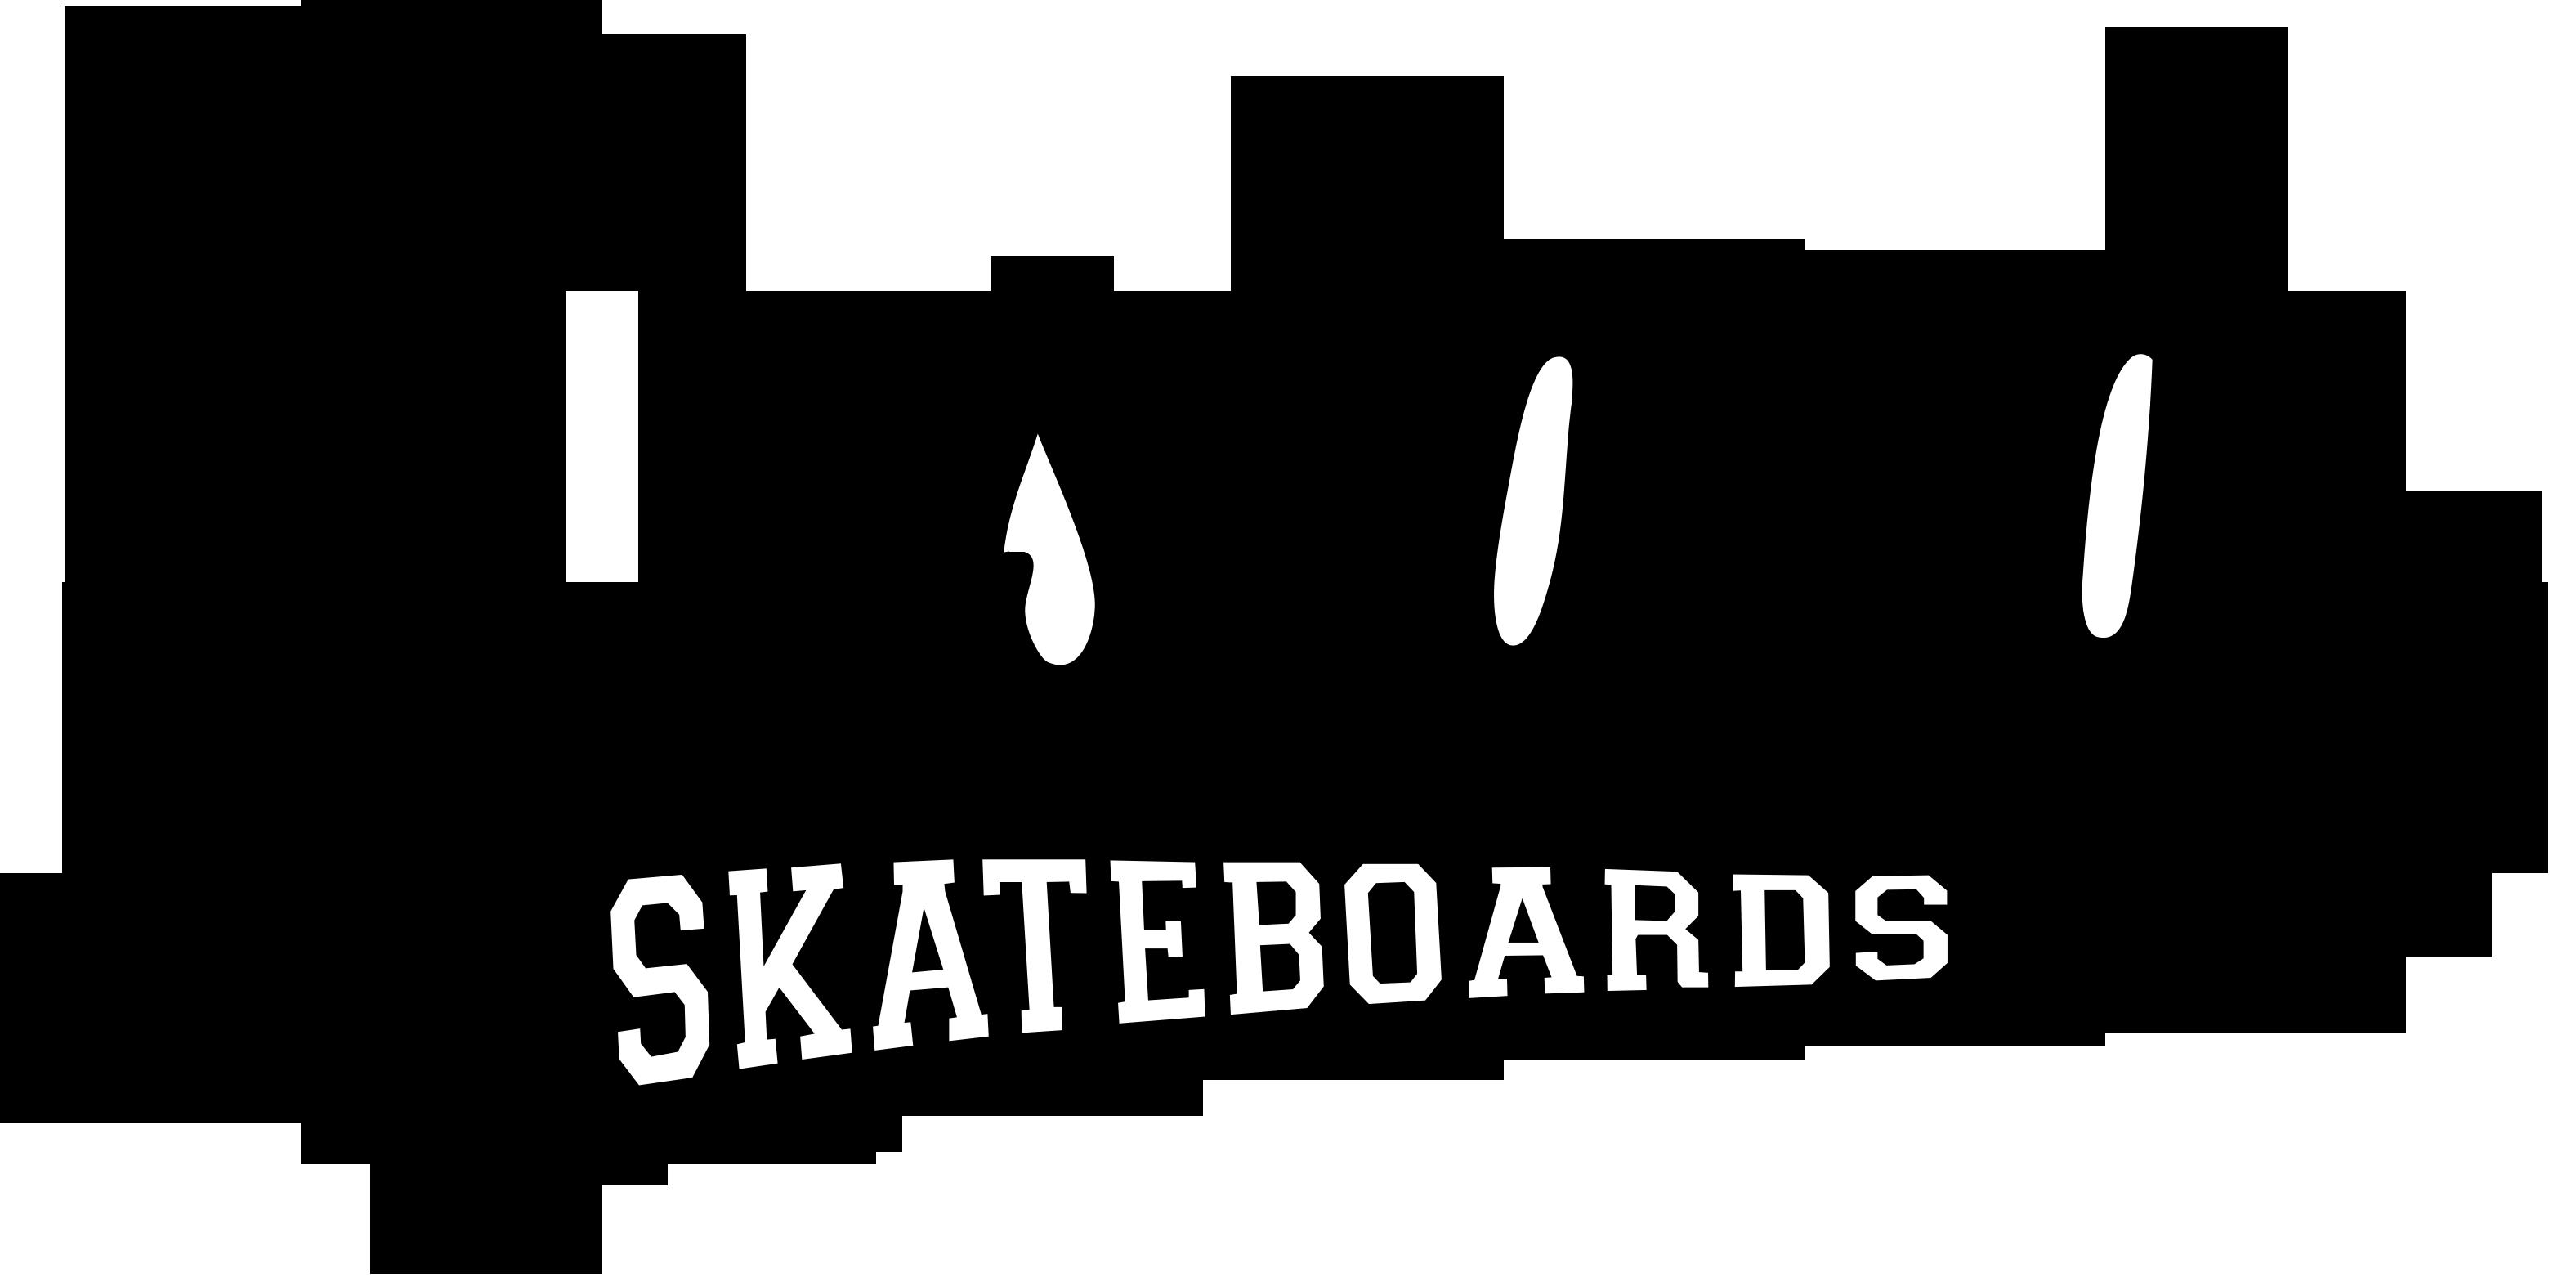 Mustard Skateboards